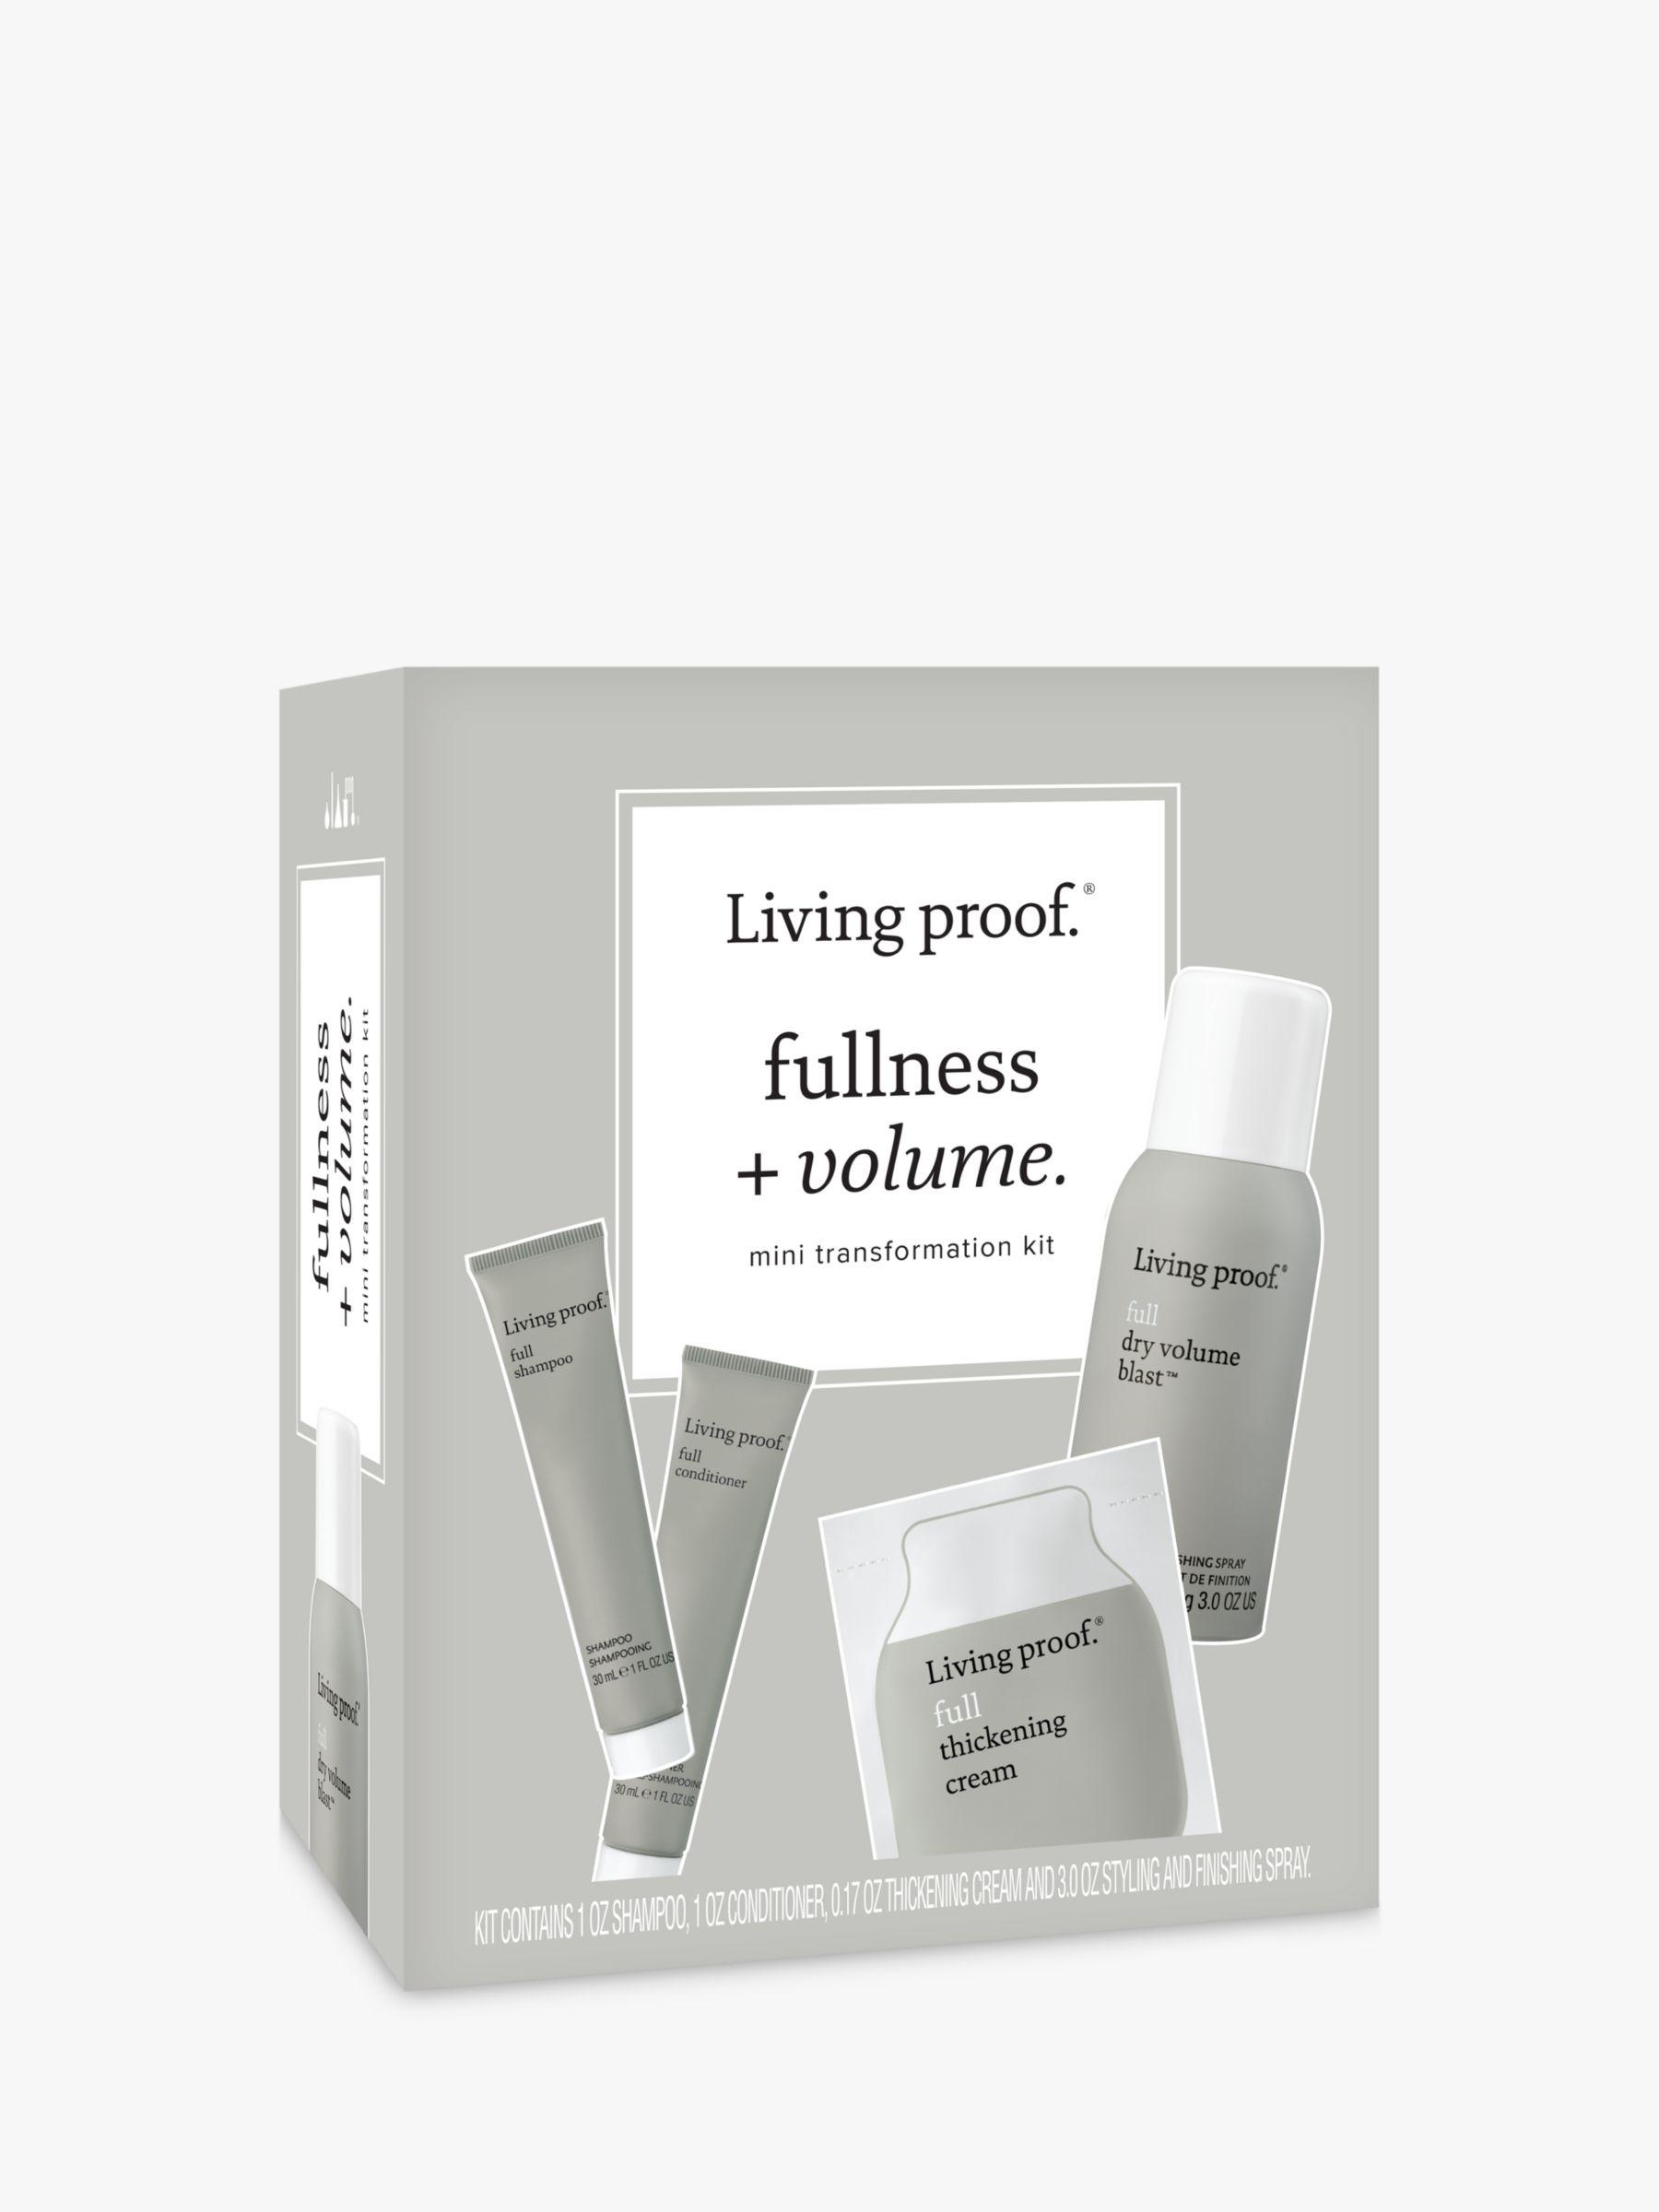 Living Proof Living Proof Full Fullness + Volume Mini Transformation Kit